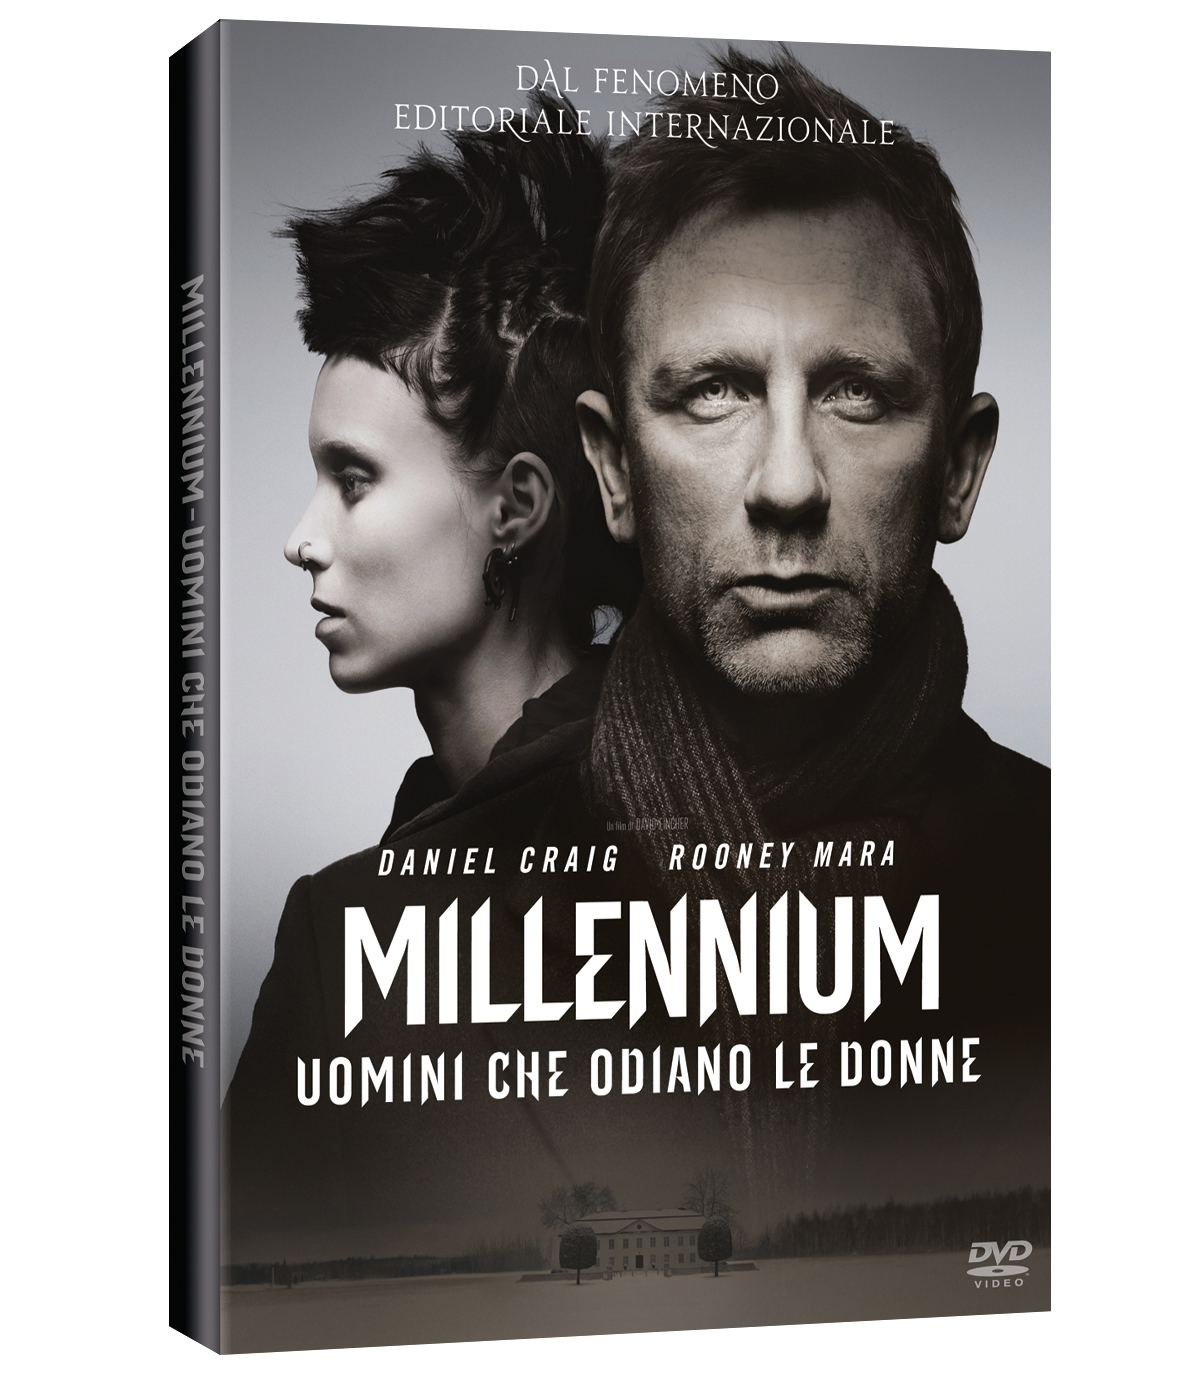 Millennium uomini che odiano le donne dvd sony